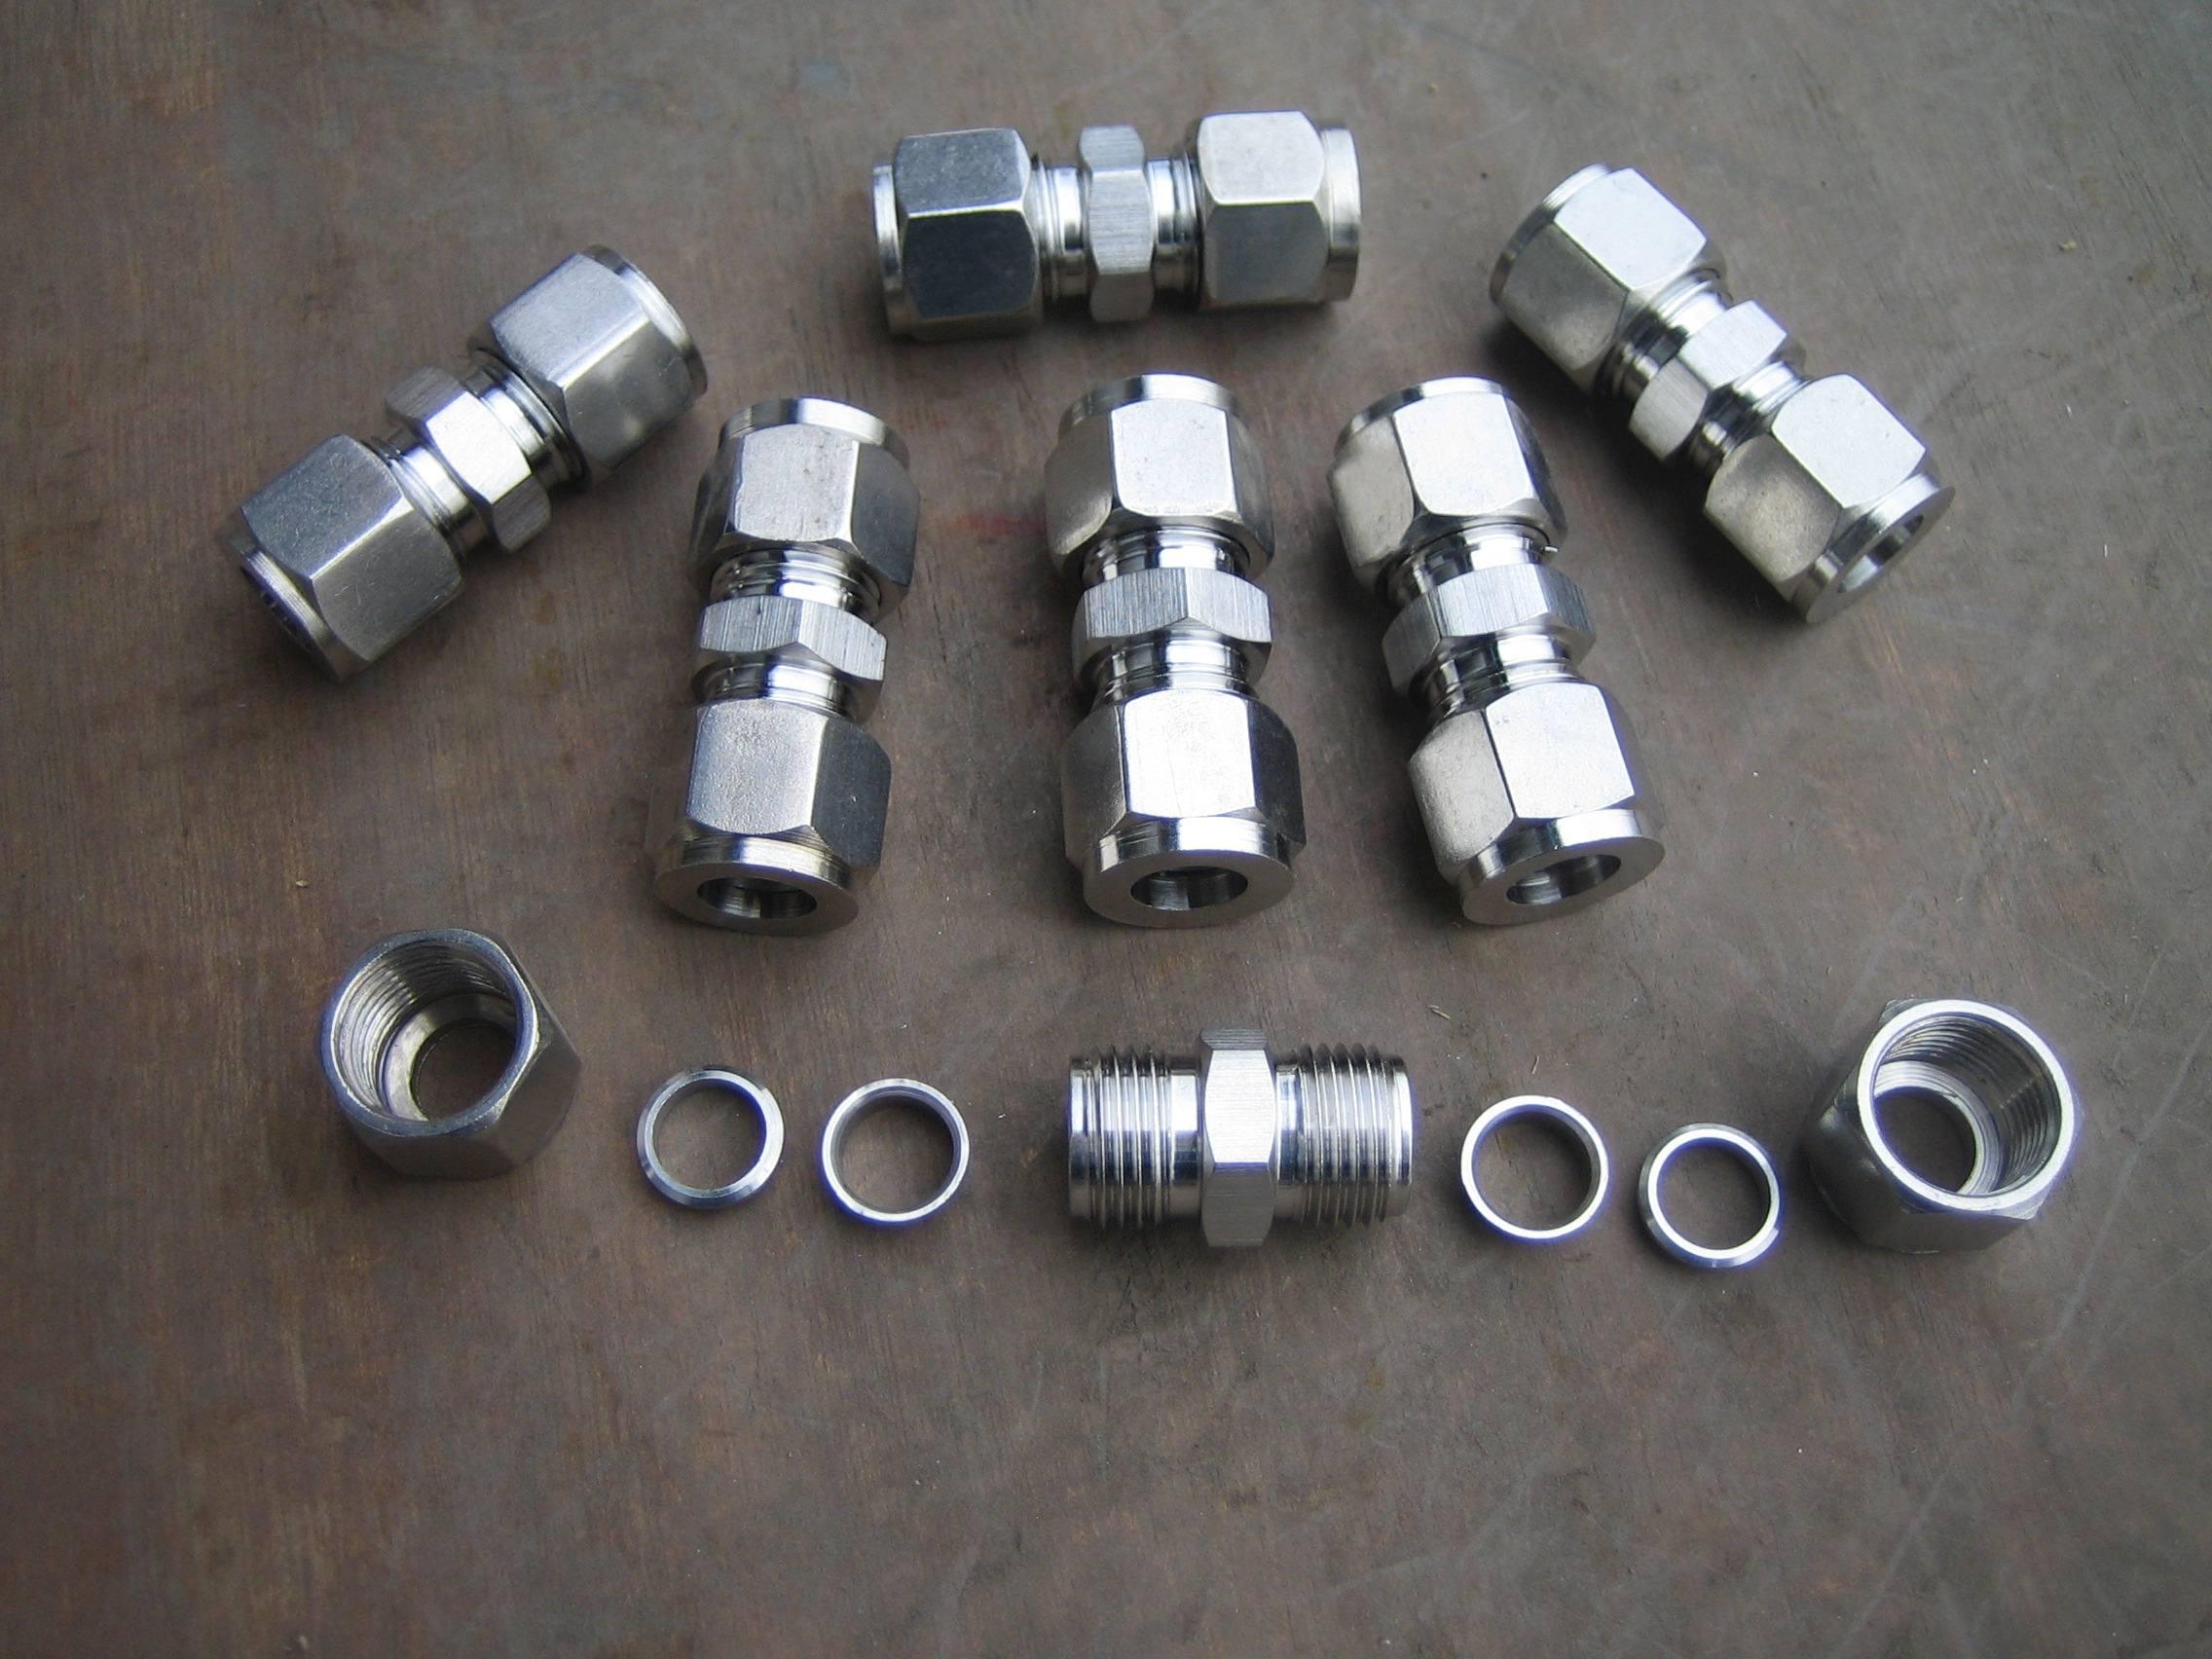 仪表管件阀门厂商的特点告诉你仪表管件阀门的简单介绍